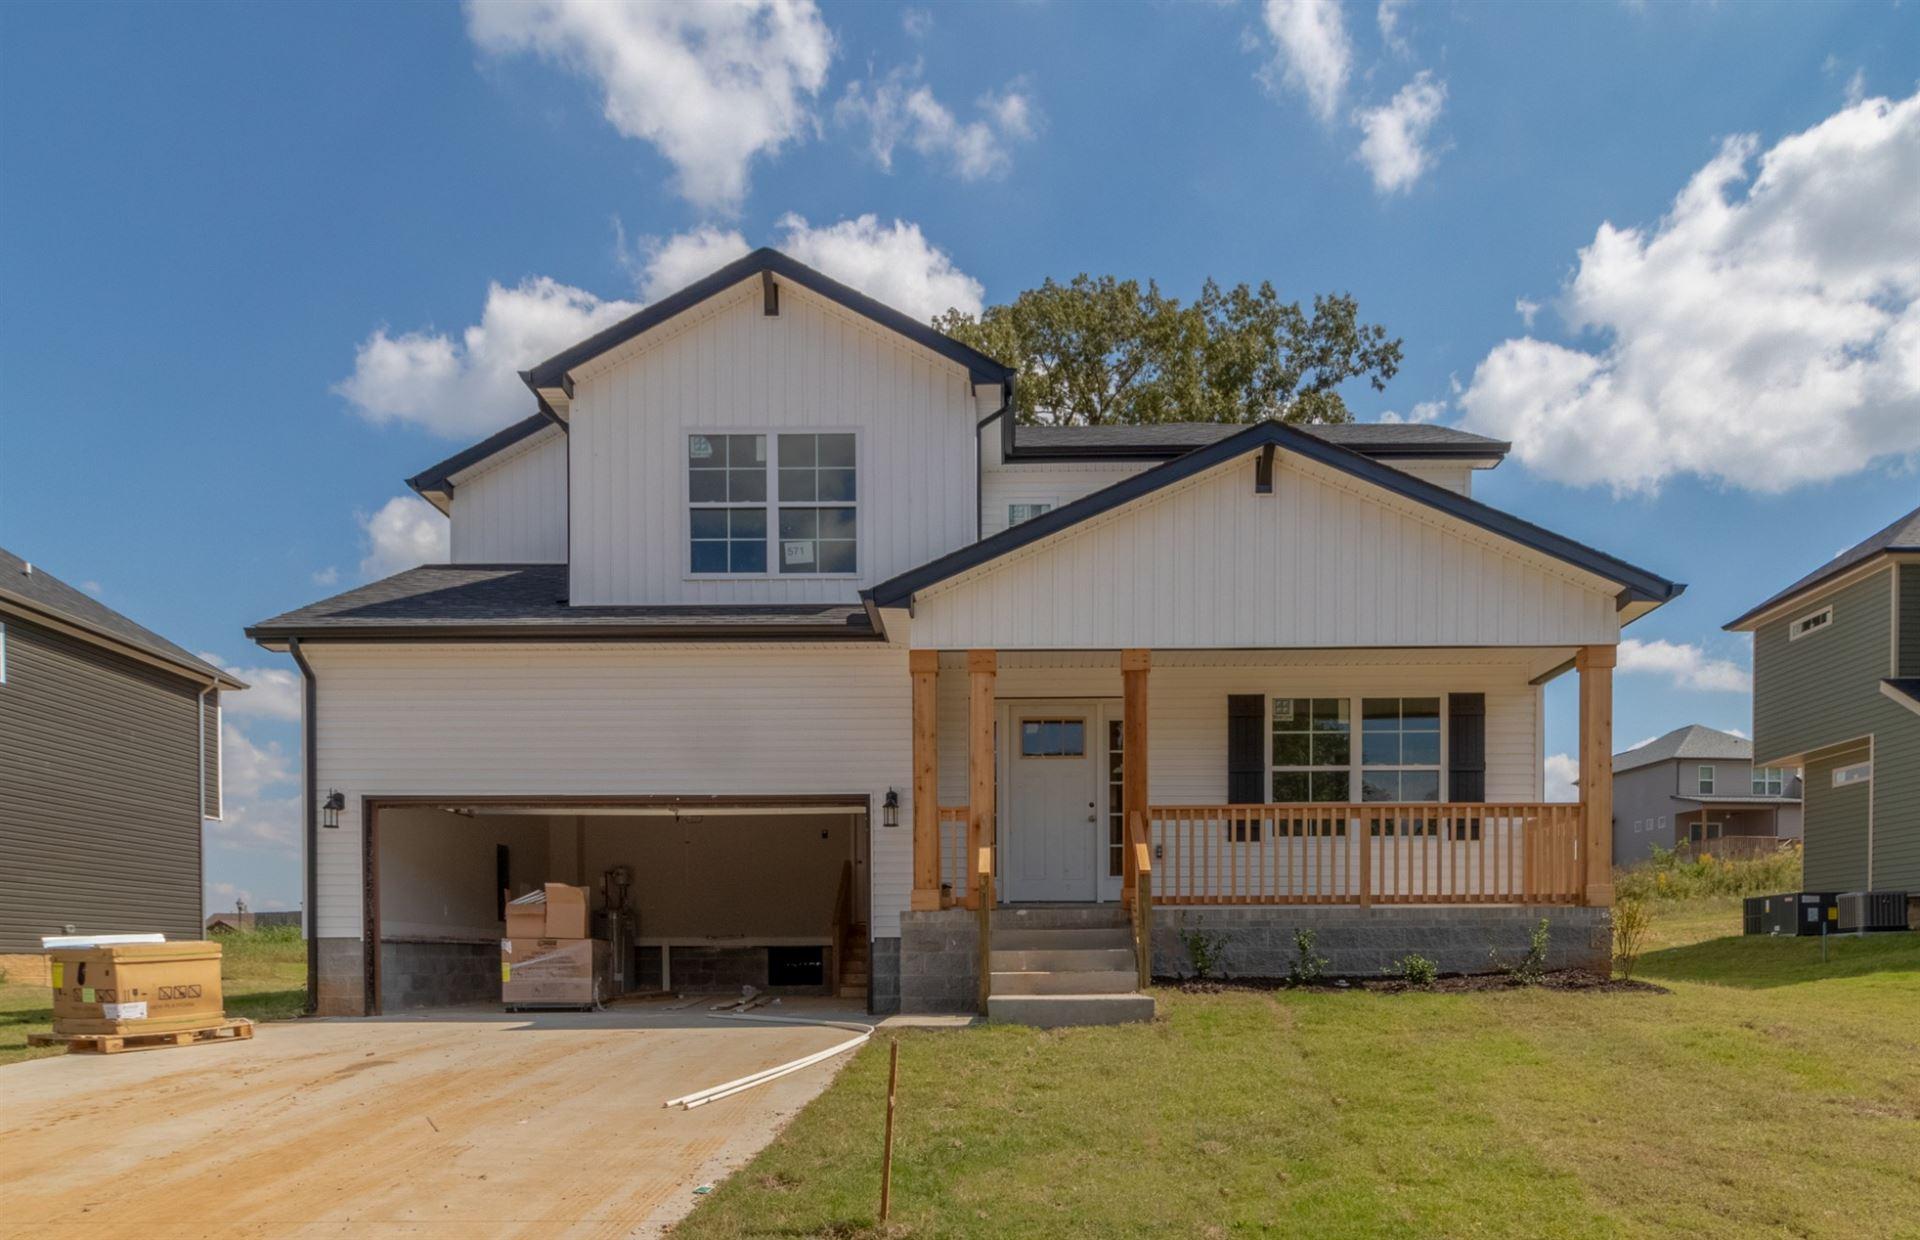 1079 Spicer Drive, Clarksville, TN 37042 - MLS#: 2286901